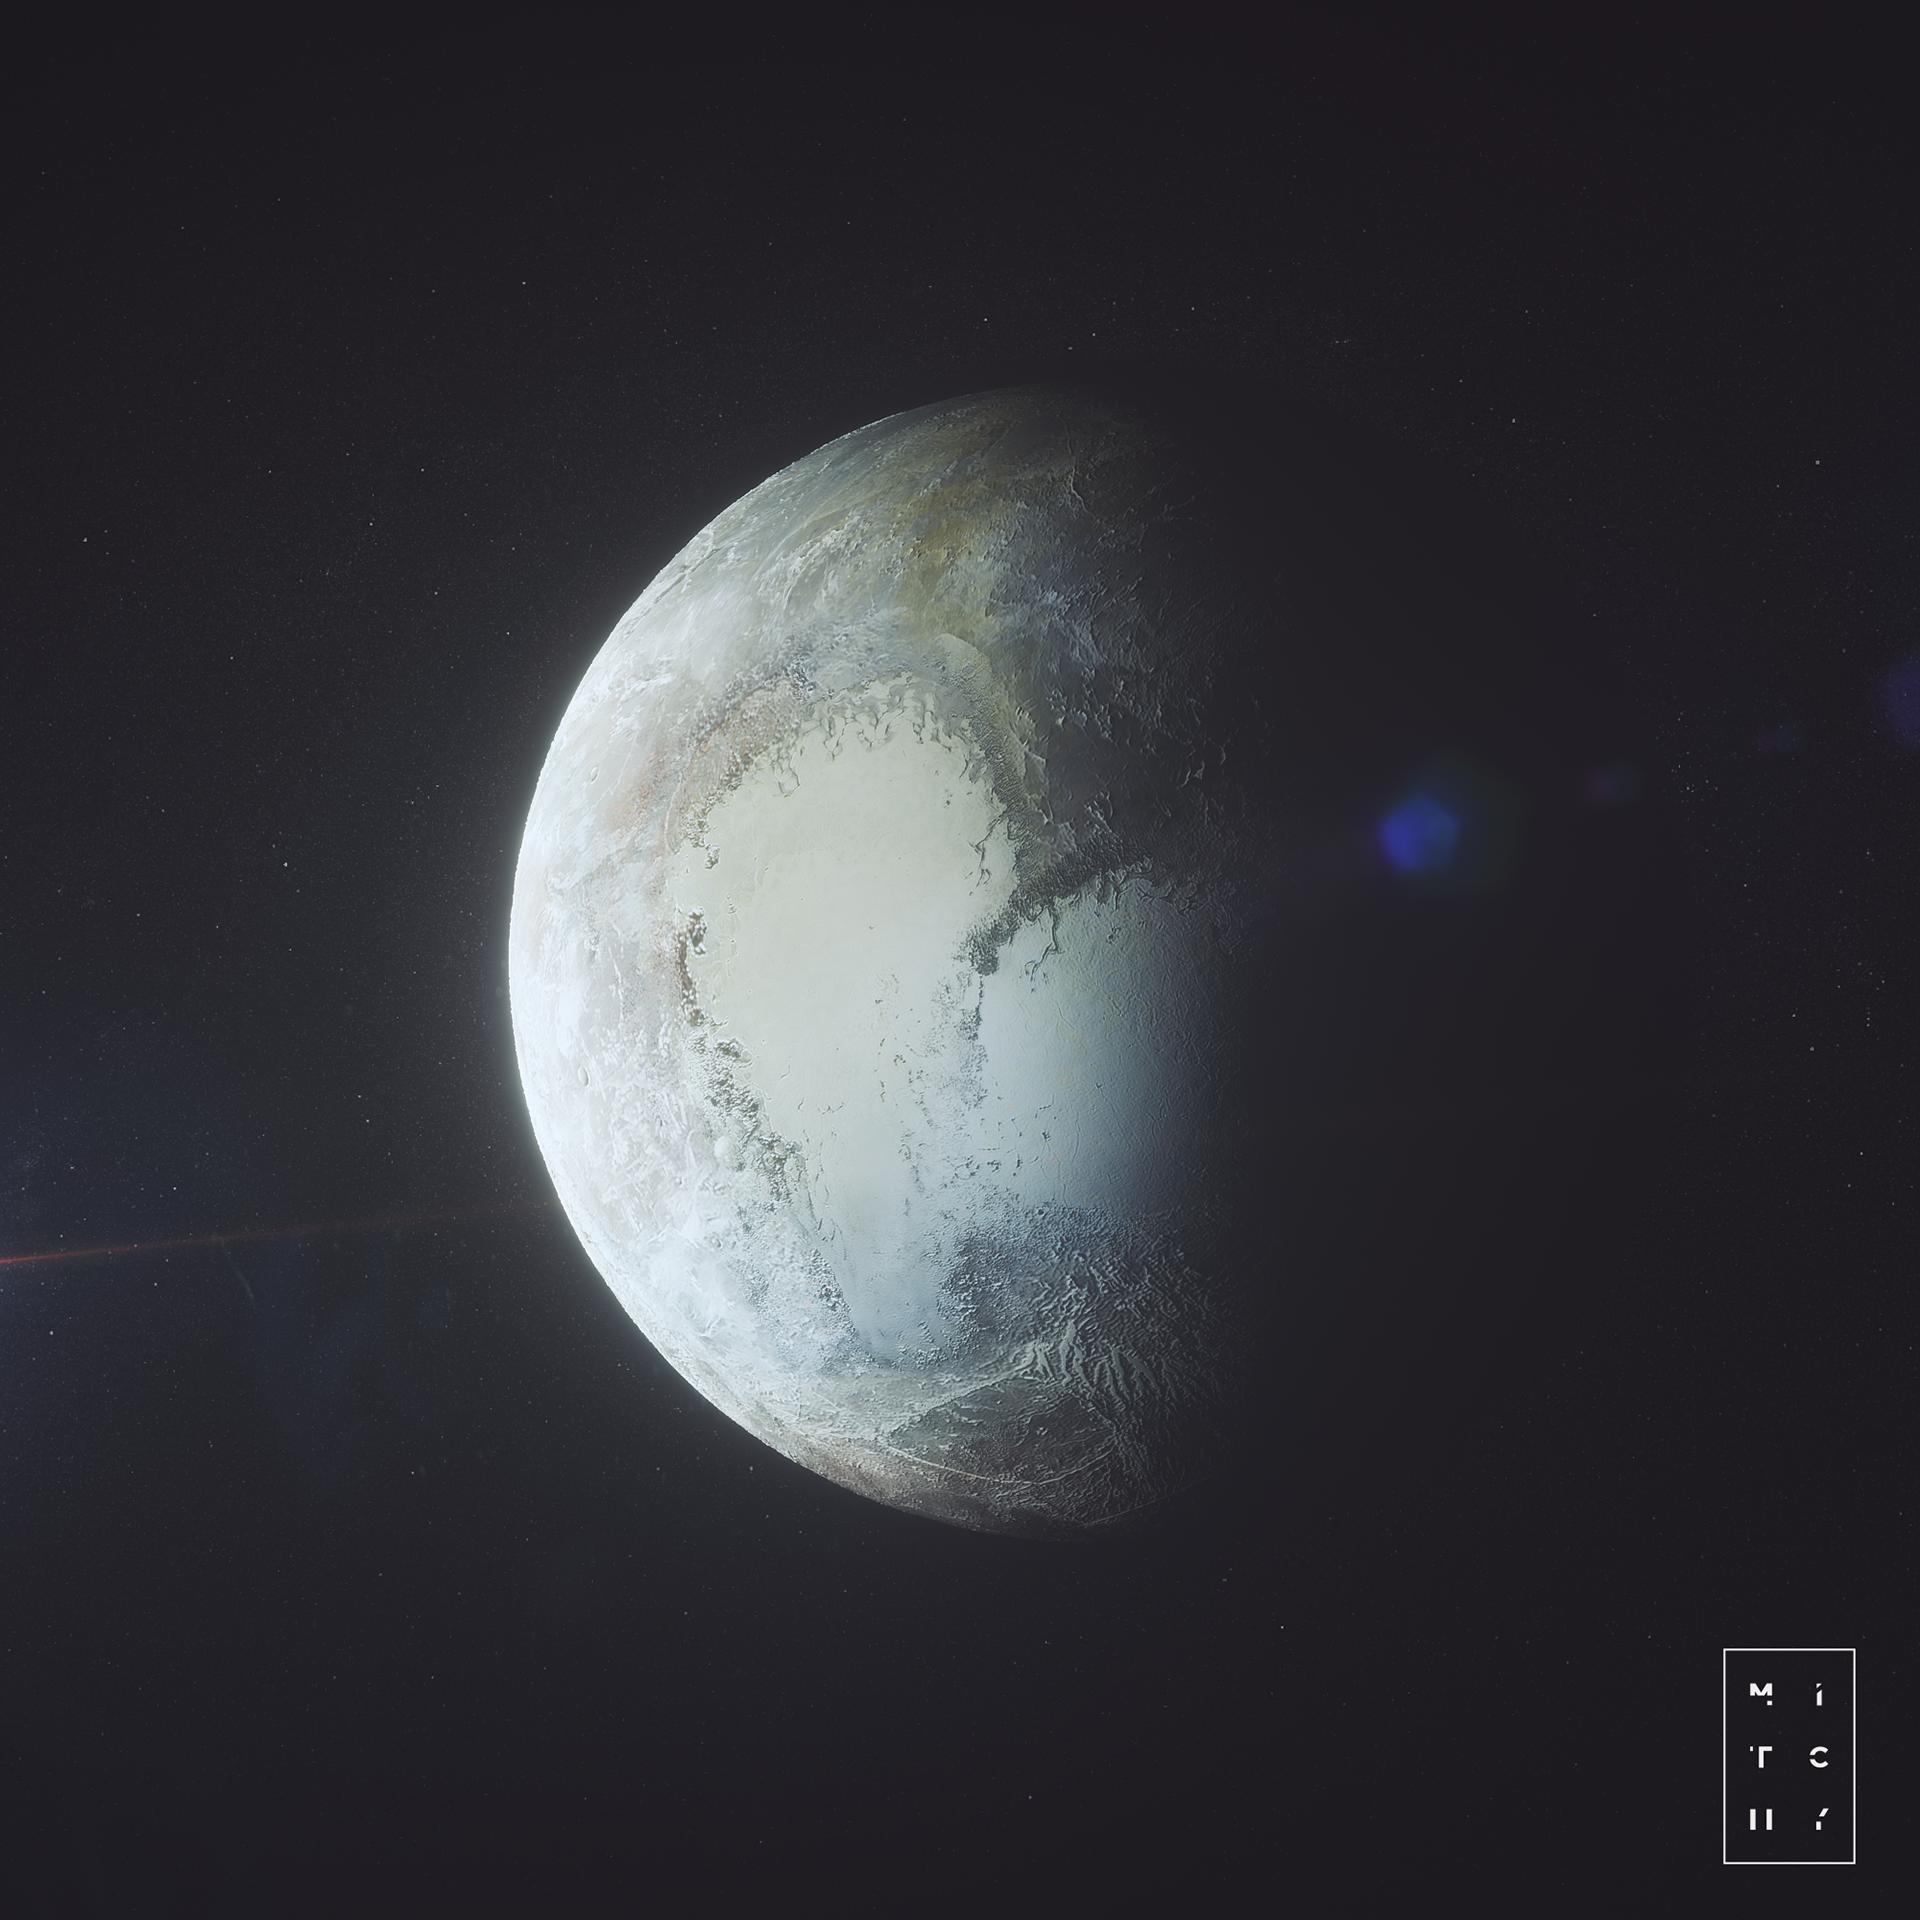 Voyagez dans le grand vide spatial avec les illustrations de Mitch Meyers